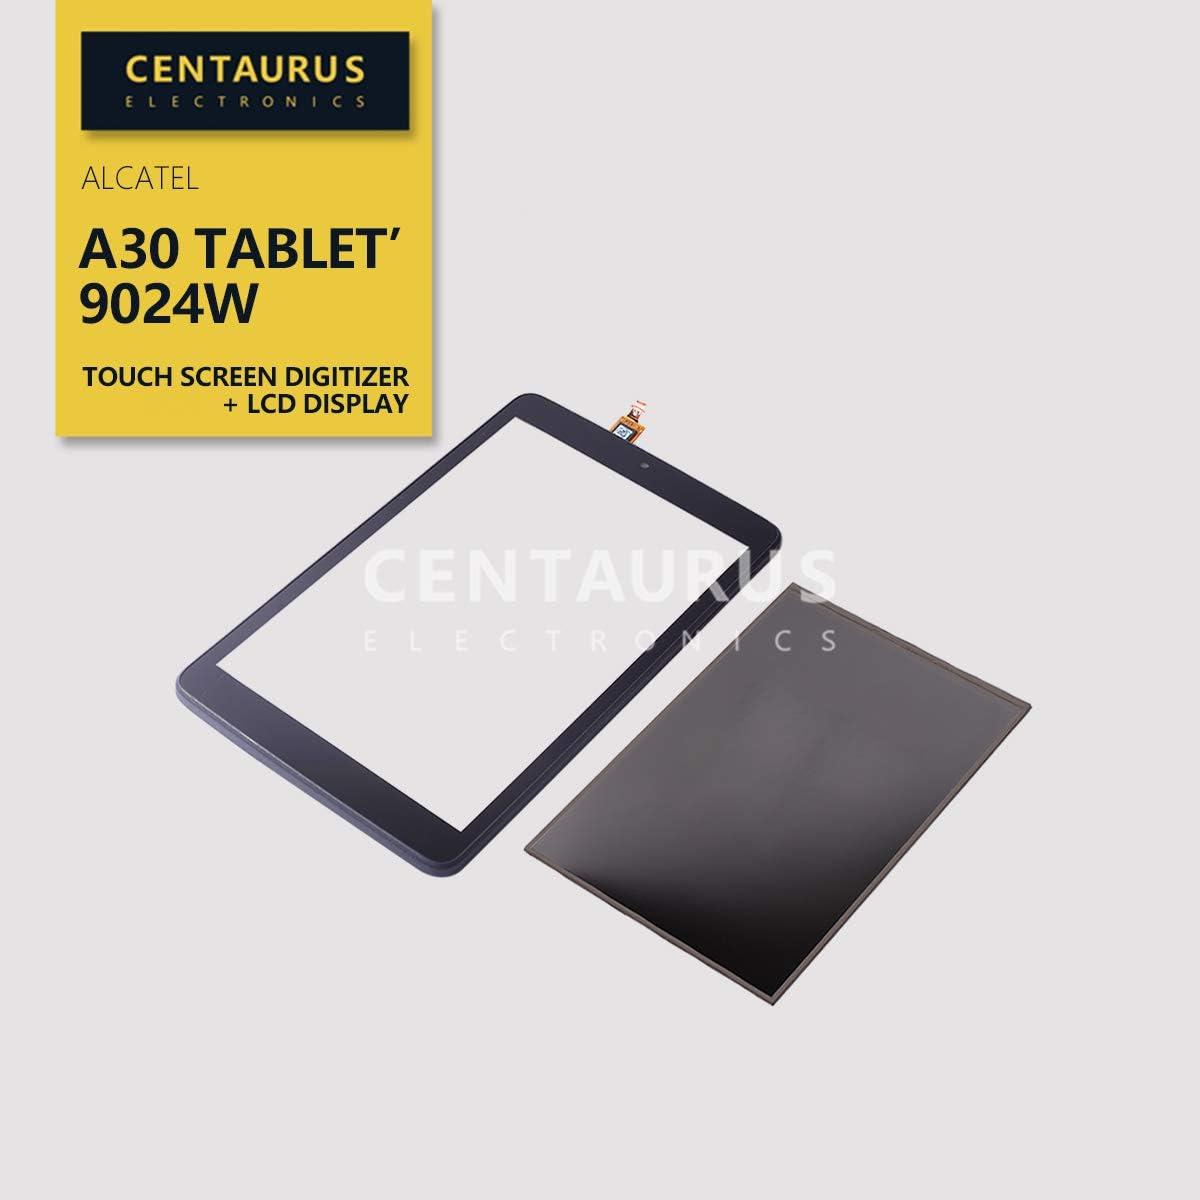 LCD pantalla táctil para Alcatel A30 Tablet 9024W 2017.Negro